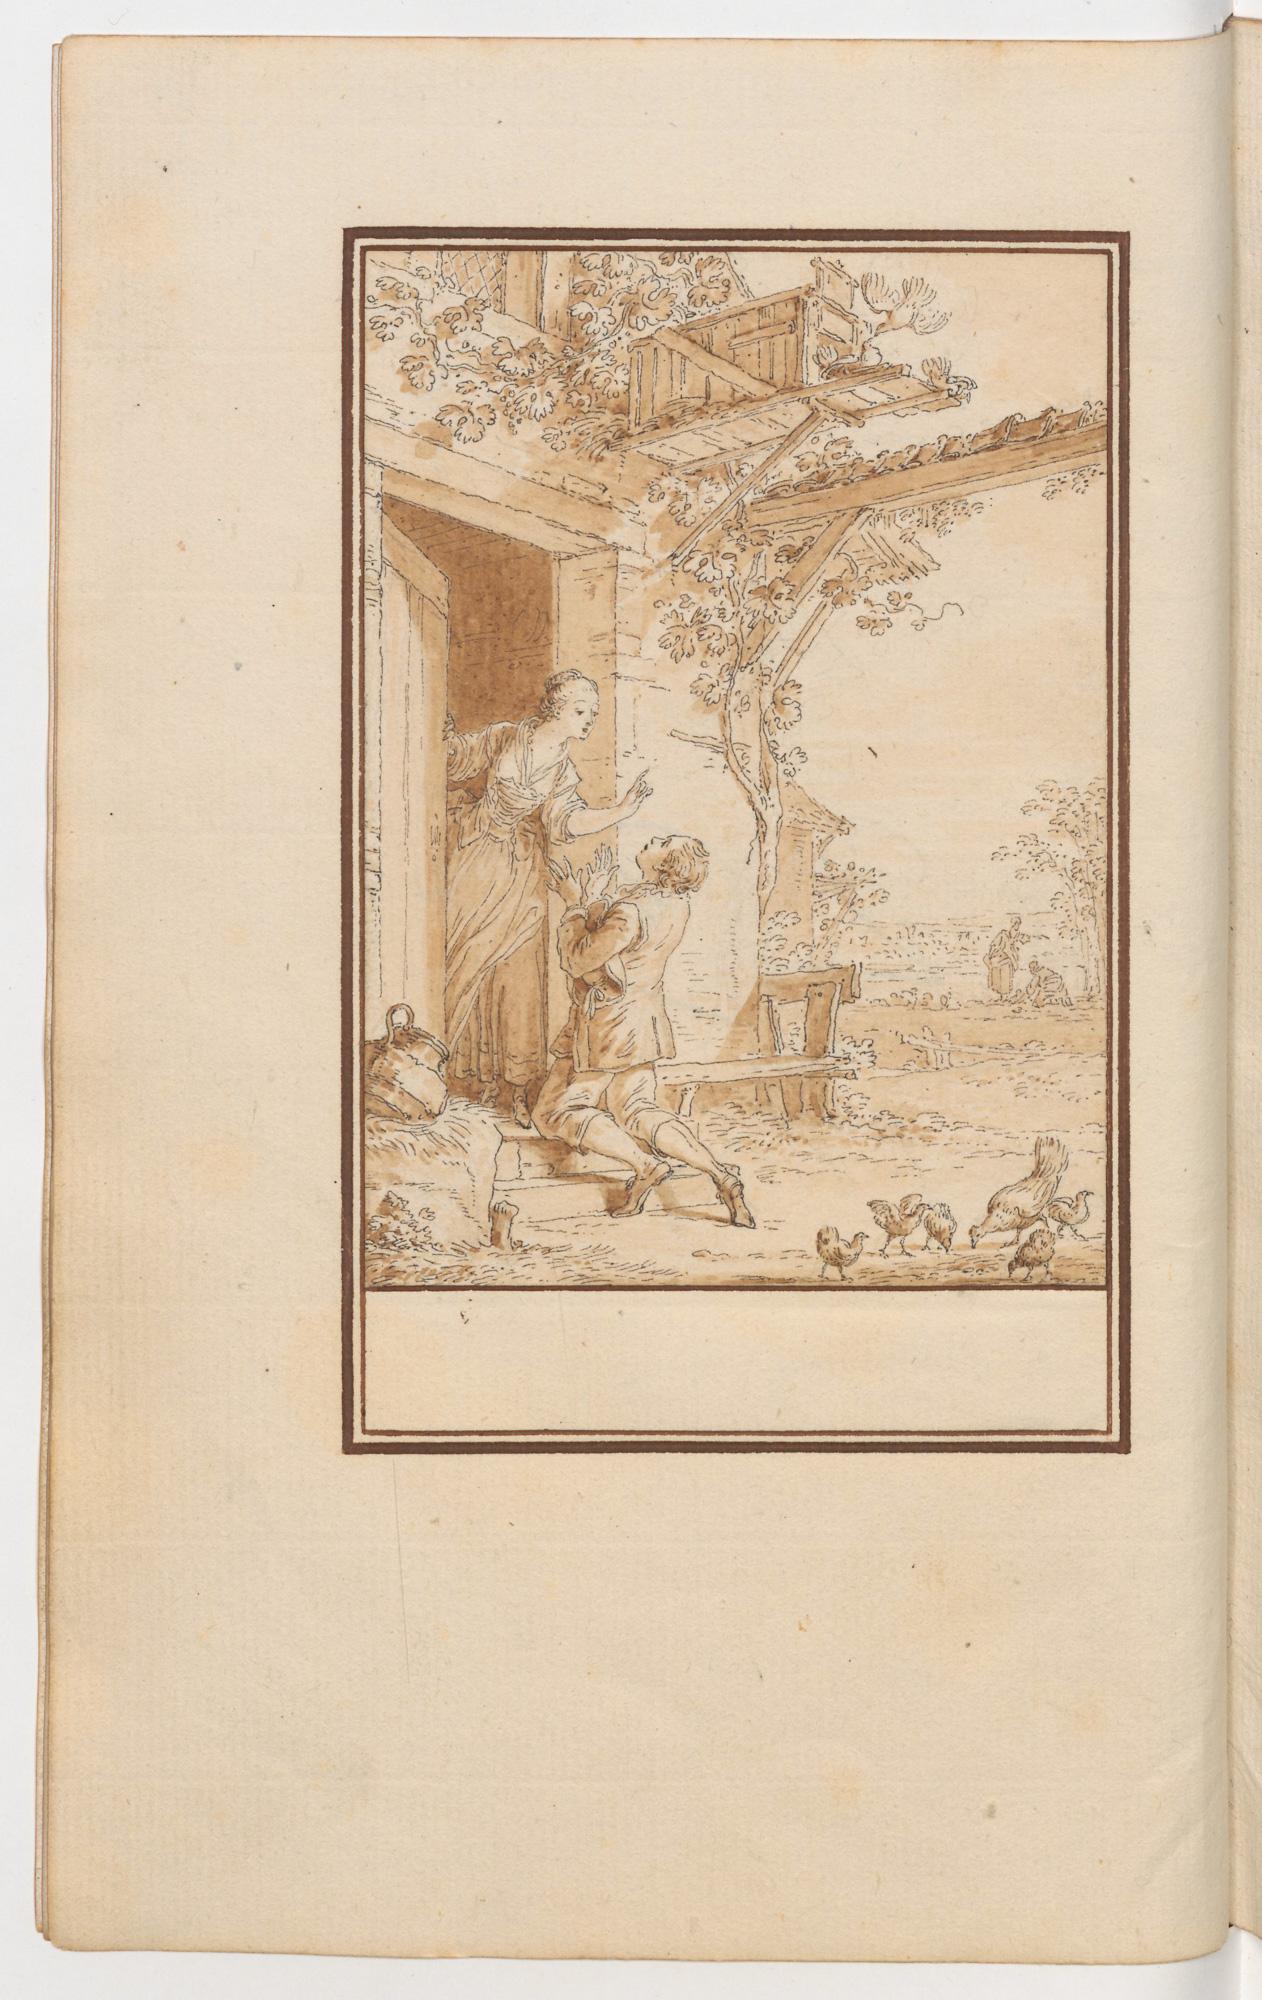 S.1.02 Les amours de Glicere et d'Alexis Image Chantilly